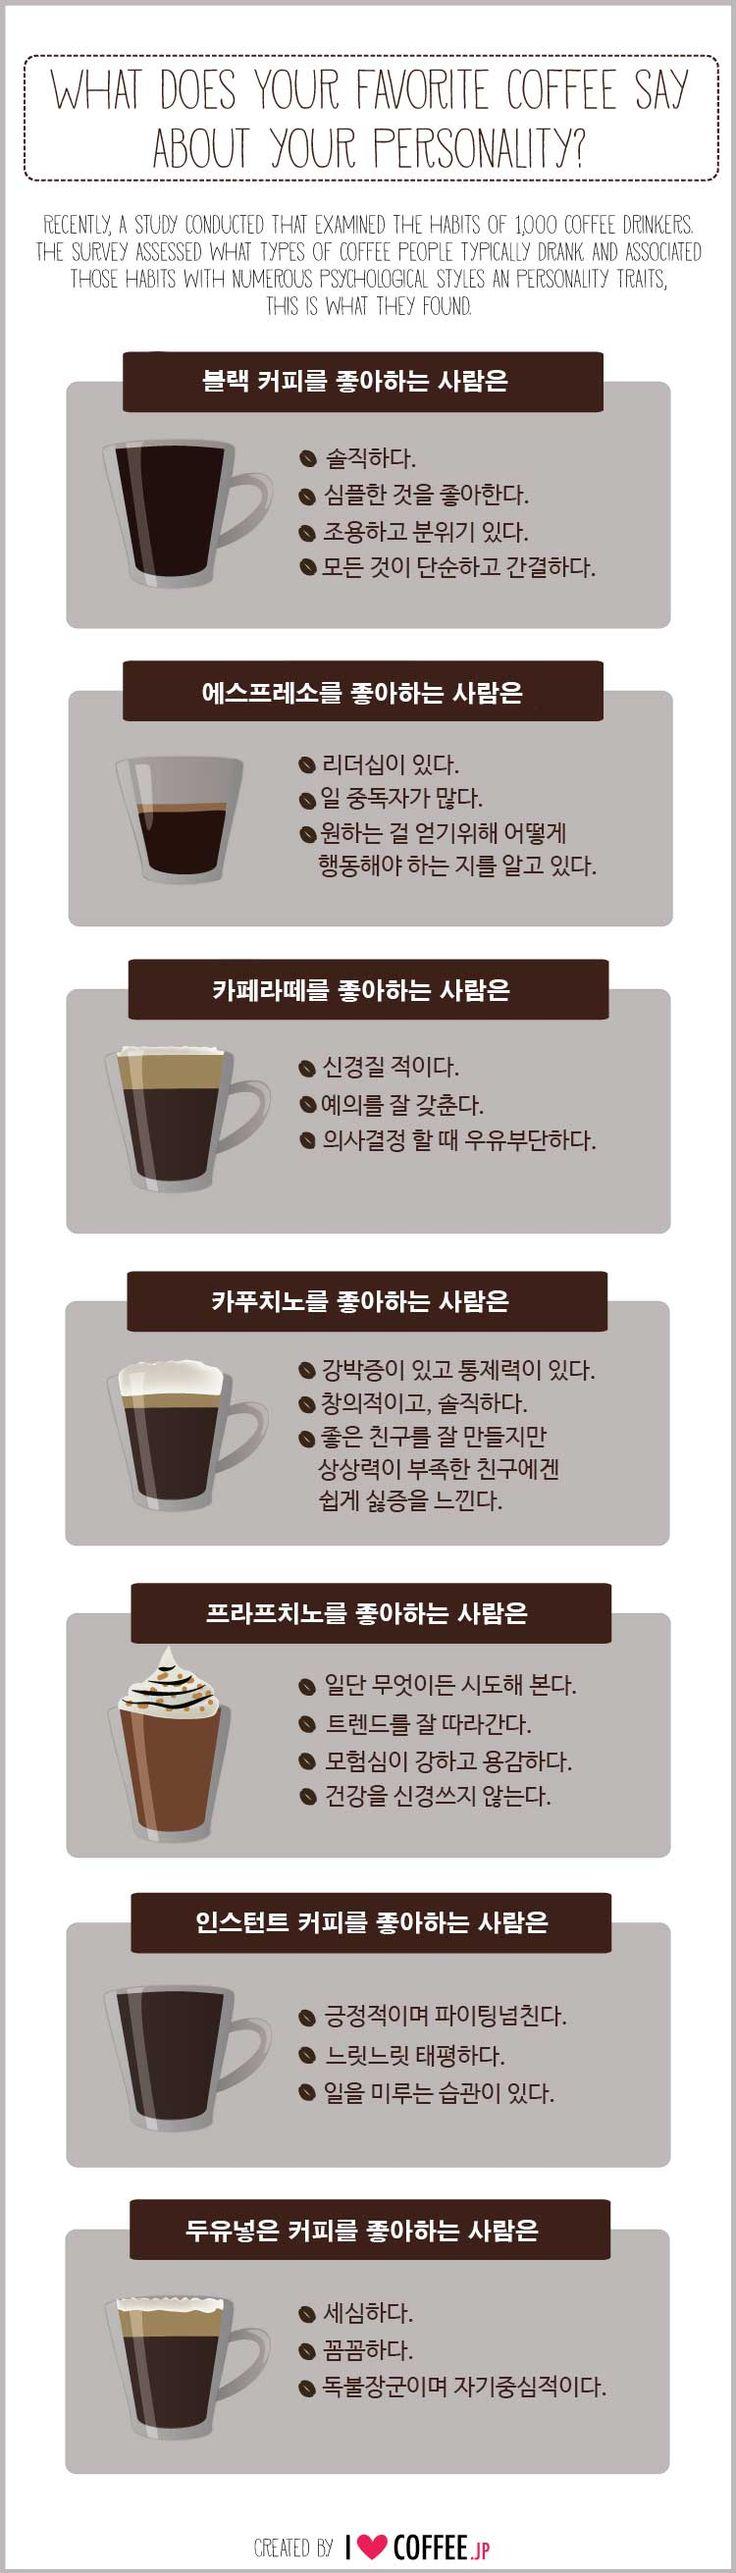 인사이트 - 좋아하는 커피 알면 성격 보인다... 카푸치노 '창의적'